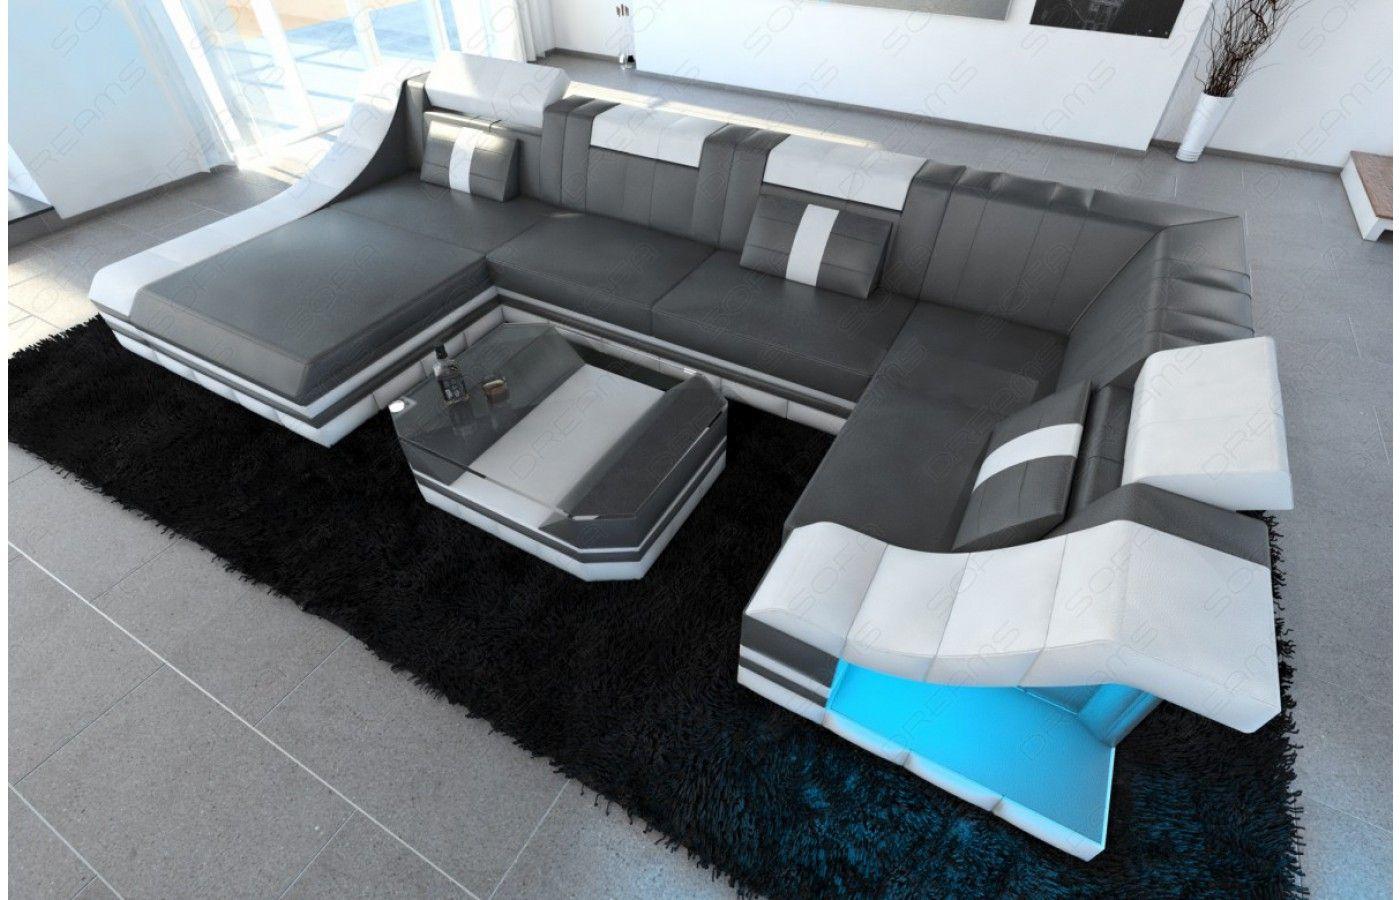 Moderne Wohnlandschaft Turino U Form Mit Led Beleuchtung Ecksofas Sofa Design Wohnen